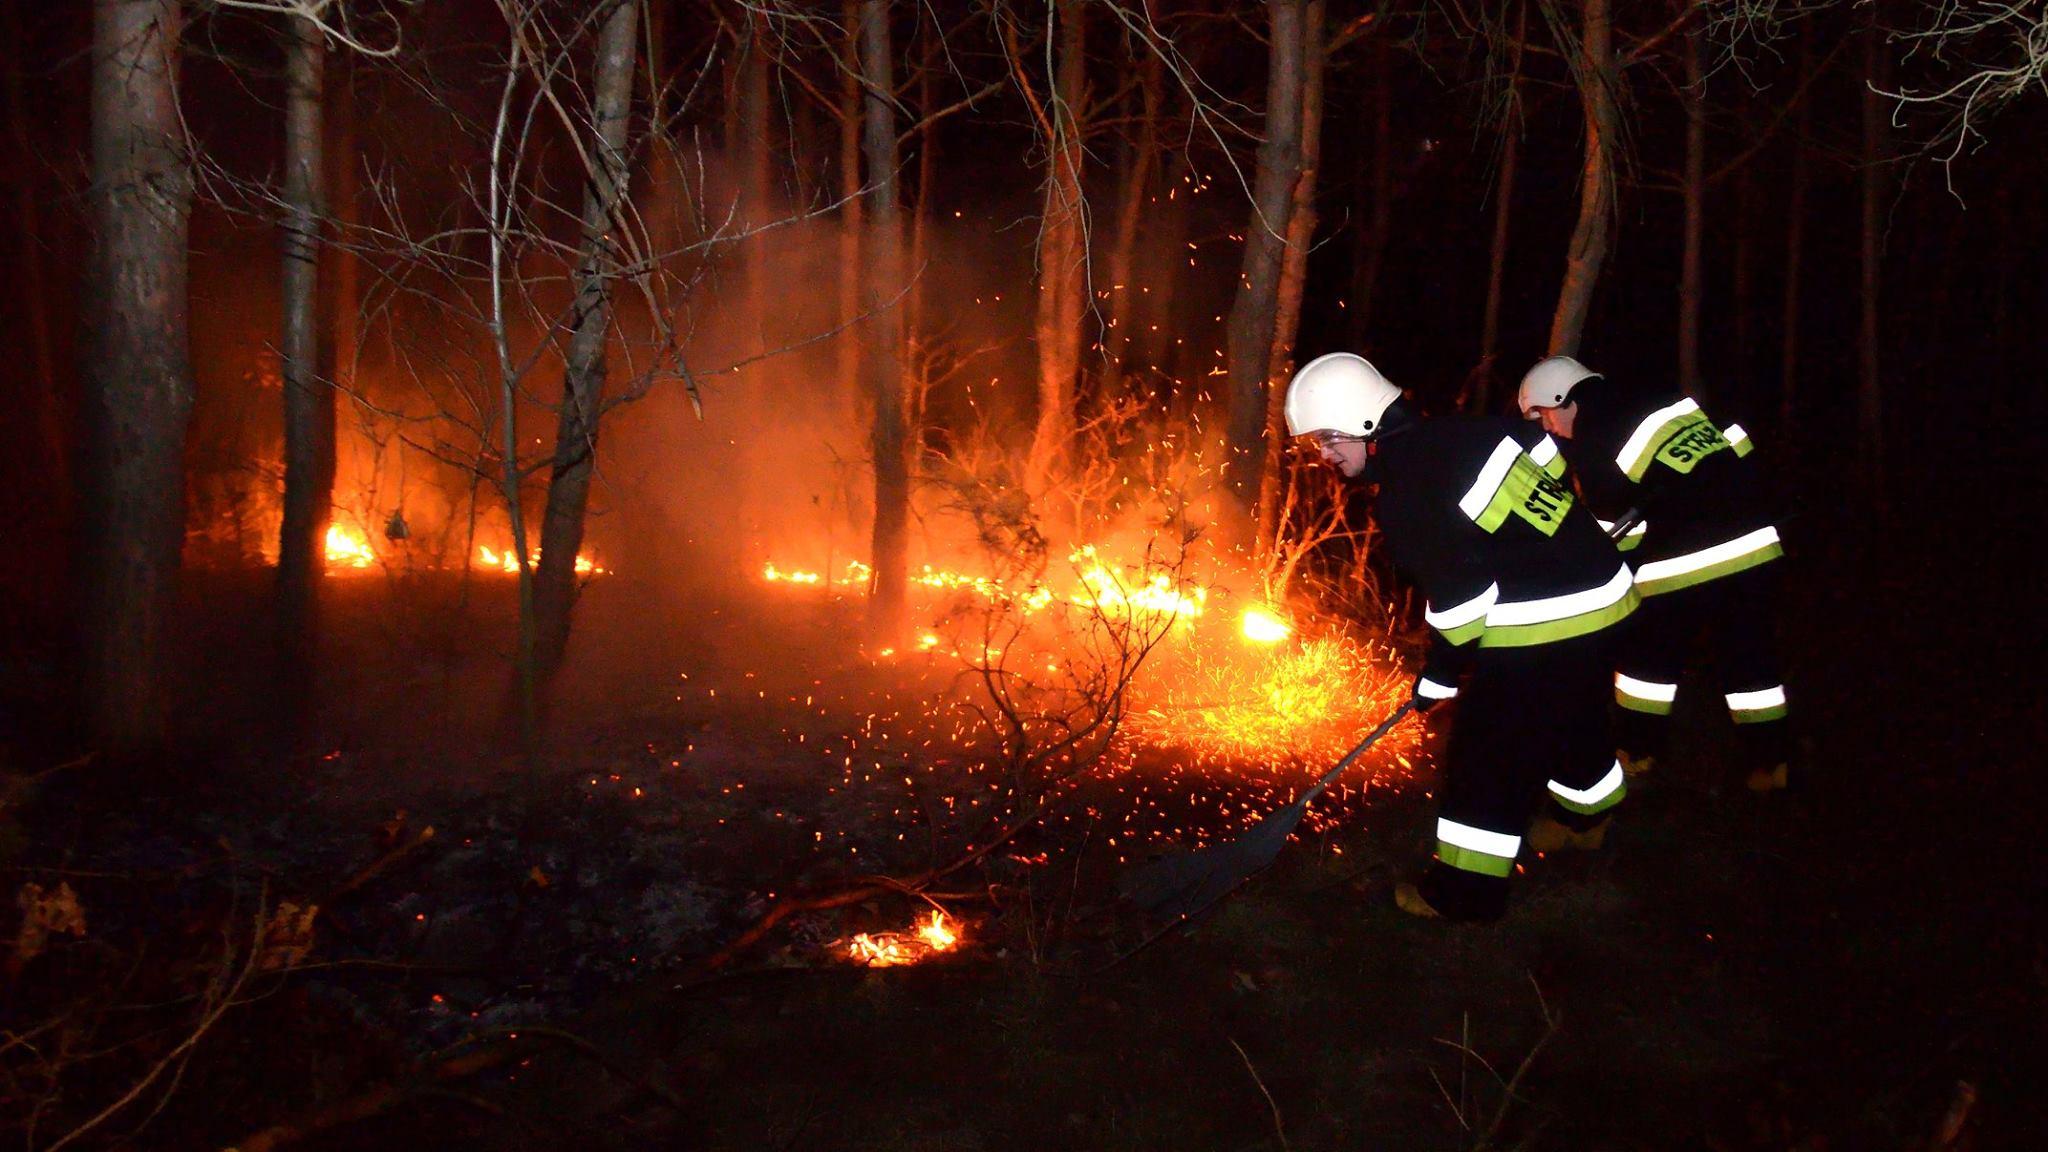 Strażacy apelują i przestrzegają przed wypalaniem traw - Zdjęcie główne